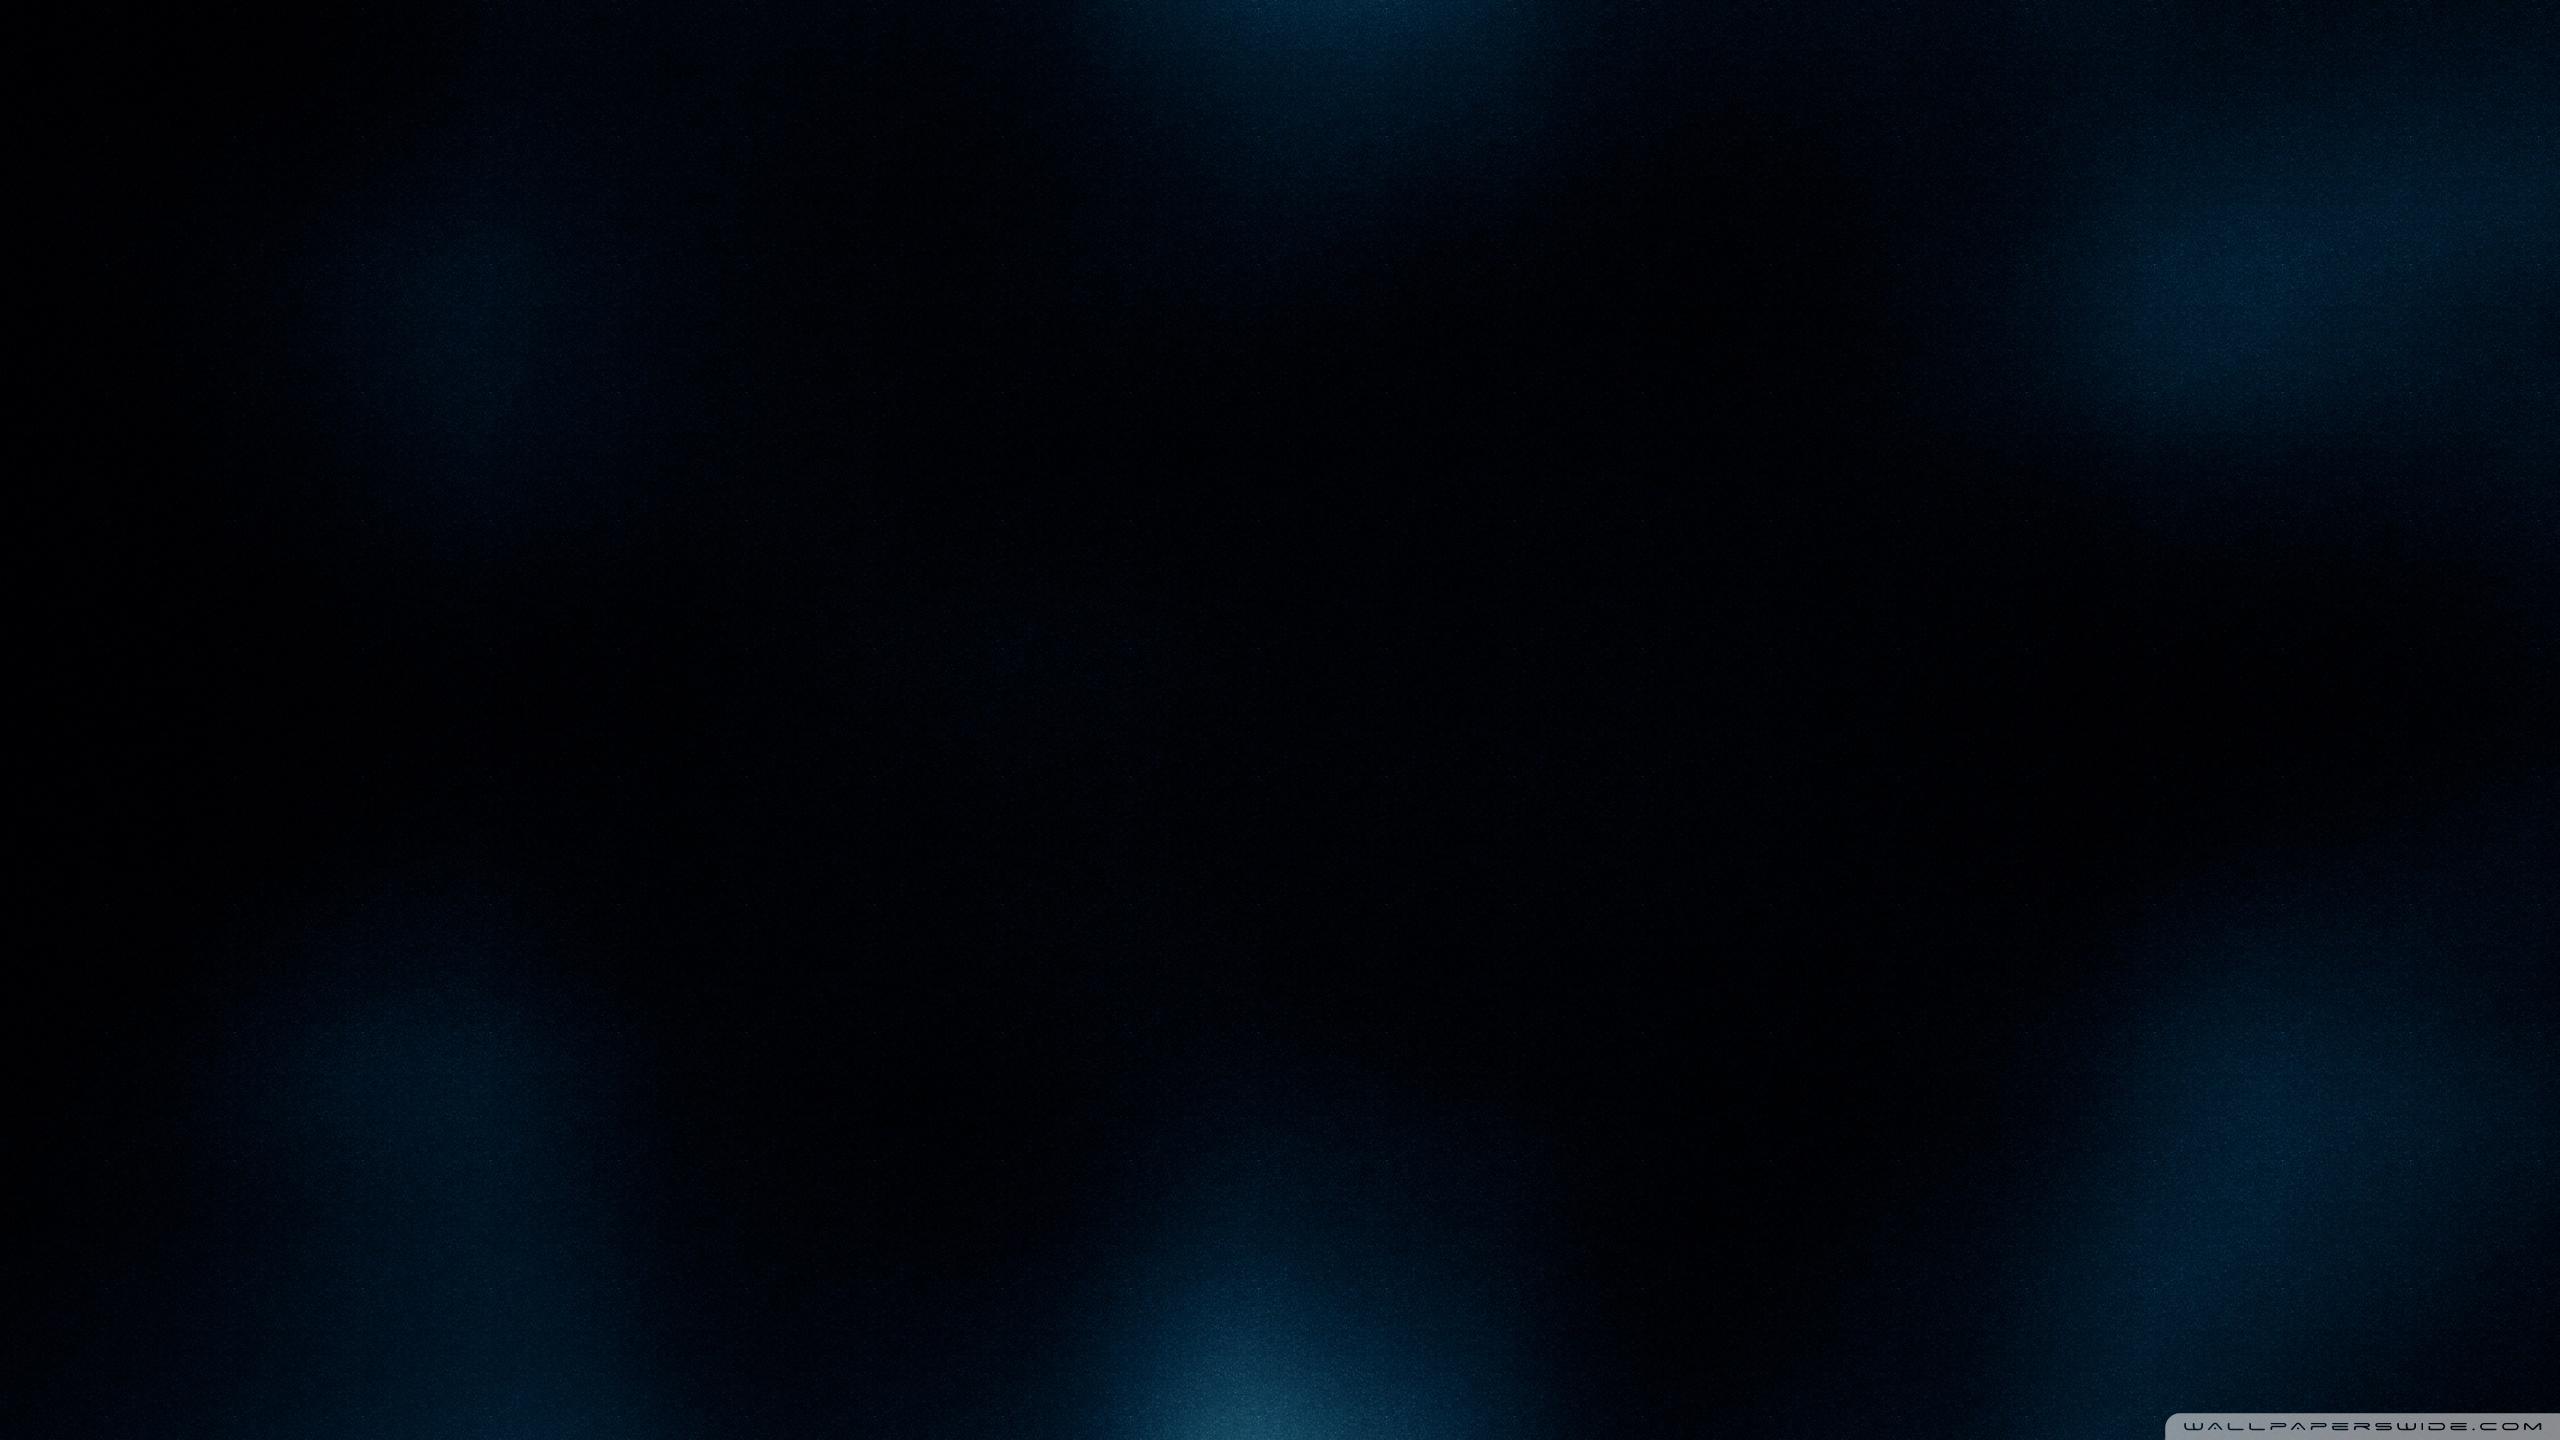 Dark Blue wallpaper 2560x1440 10265 2560x1440